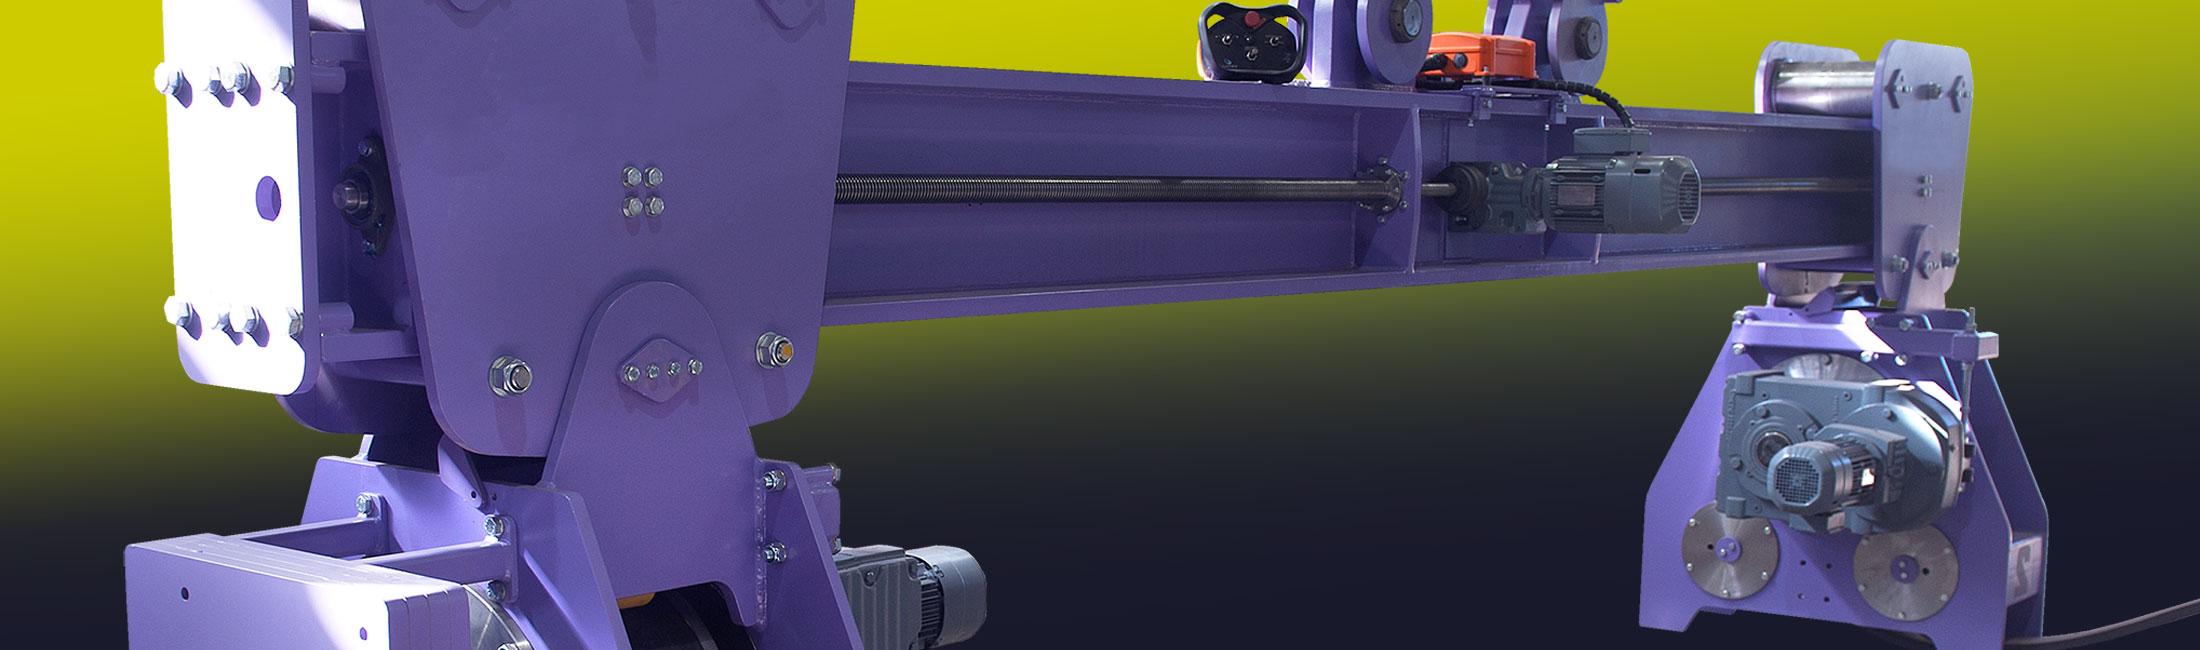 teollisuus-metalliteollisuus-teollisuuden-nostoapuvalineet-satateras-1